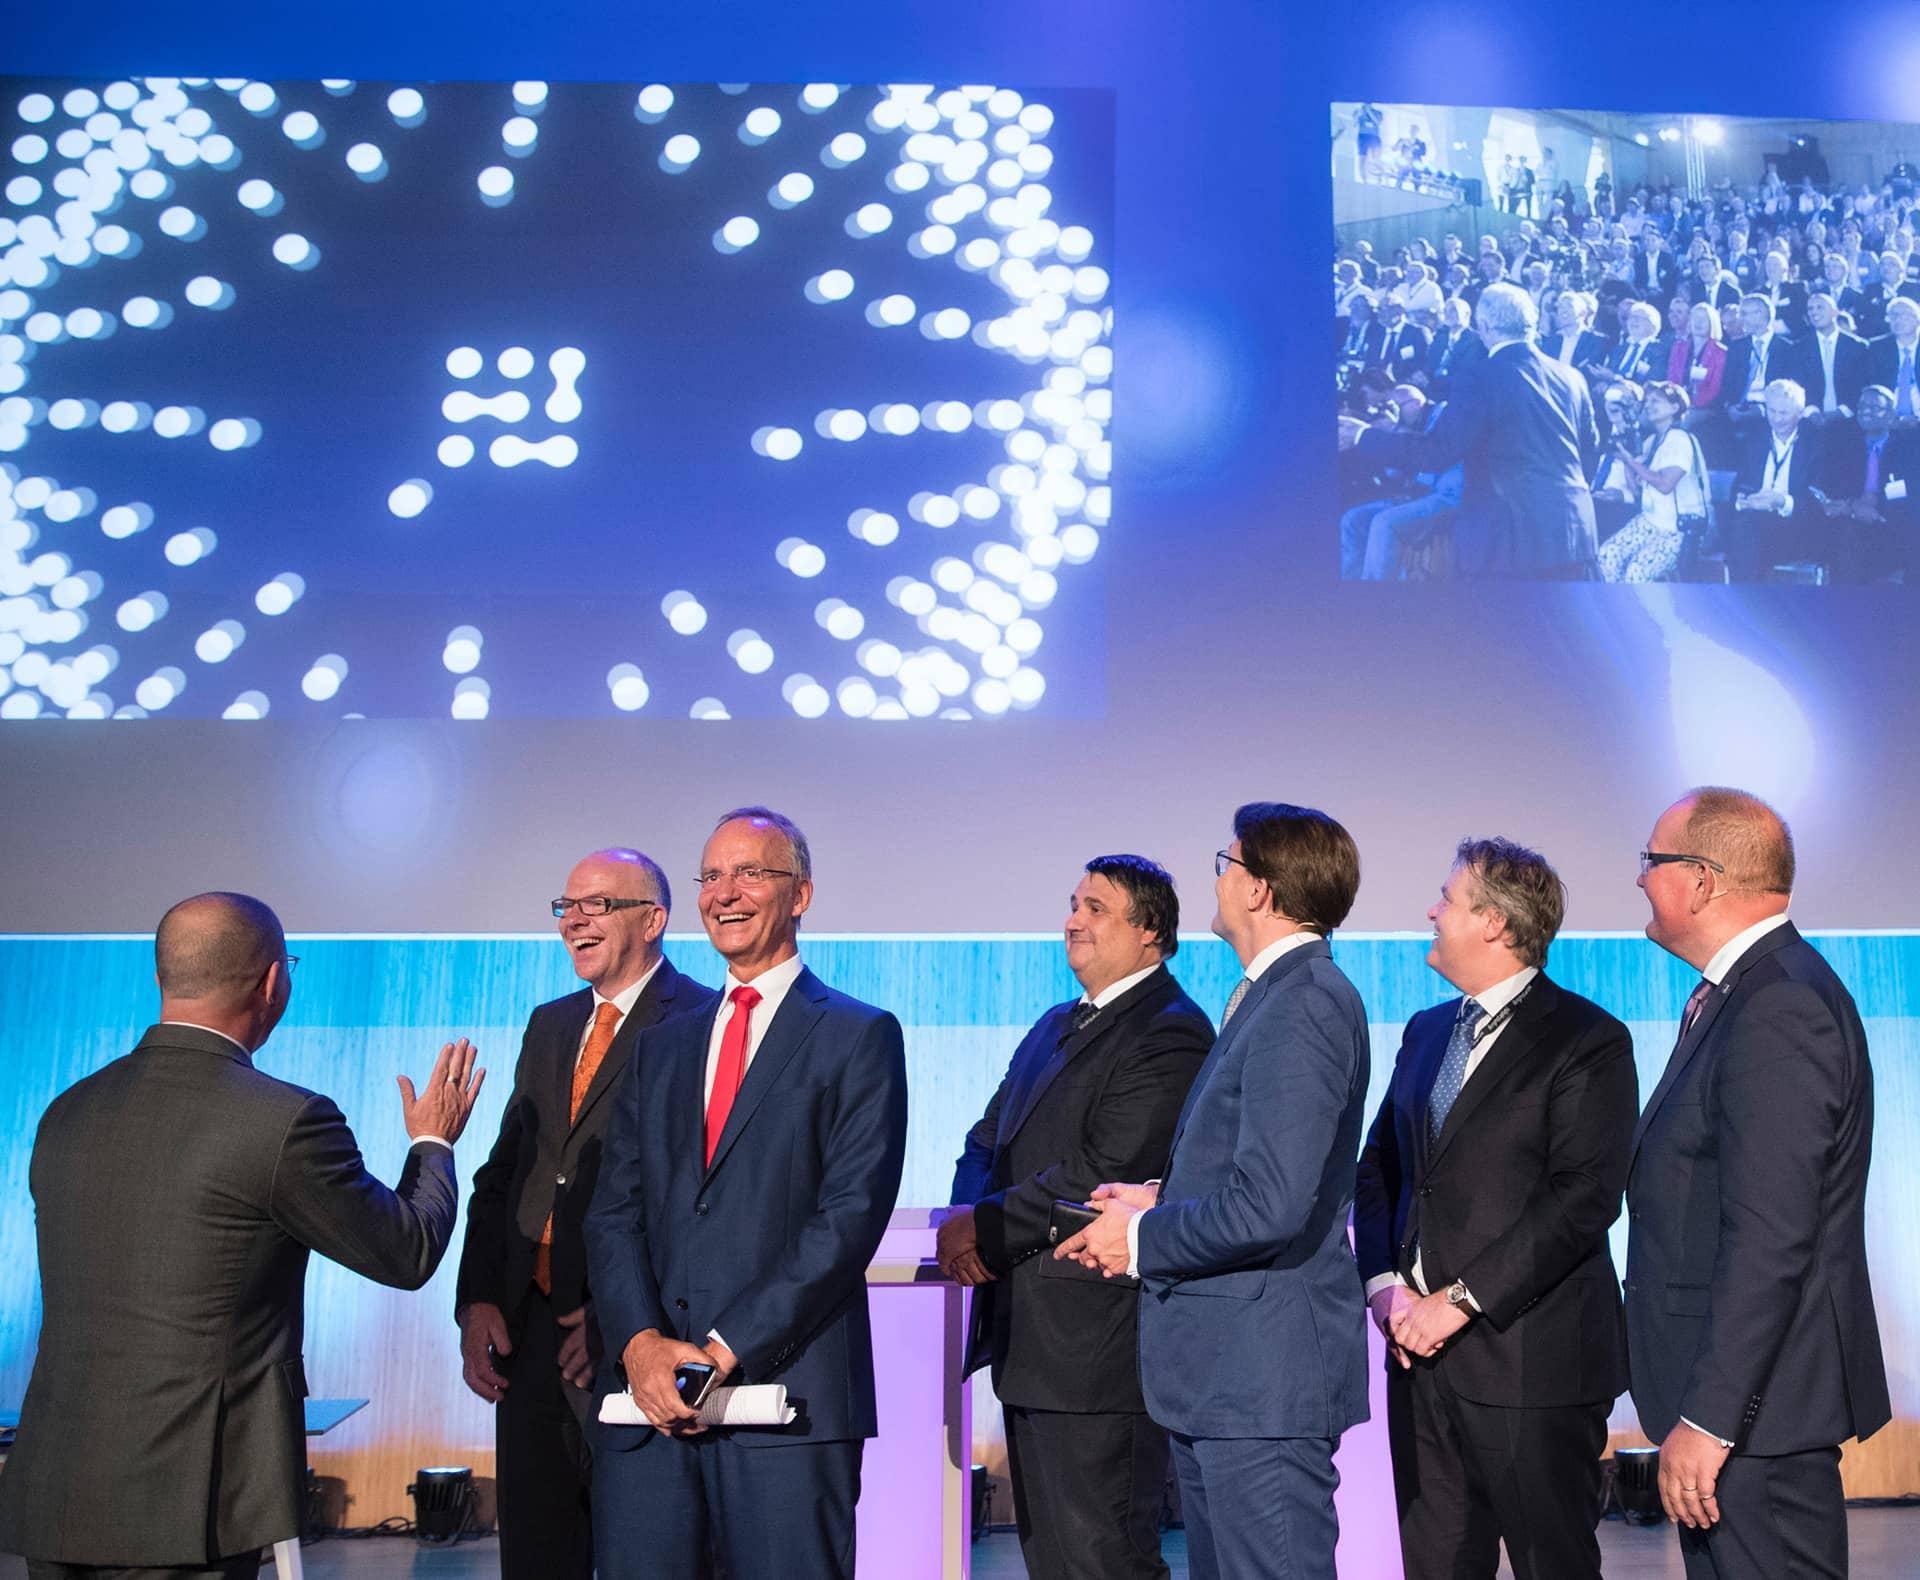 Founding fathers en ere gasten, waaronder Zijne Koninklijke Hoogheid Prins Constantijn en Minister Henk Kamp openen samen de Brightlands Smart Services Campus in Heerlen op een innovatieve manier die gebruik maakt van smartphones begeleid door Saus